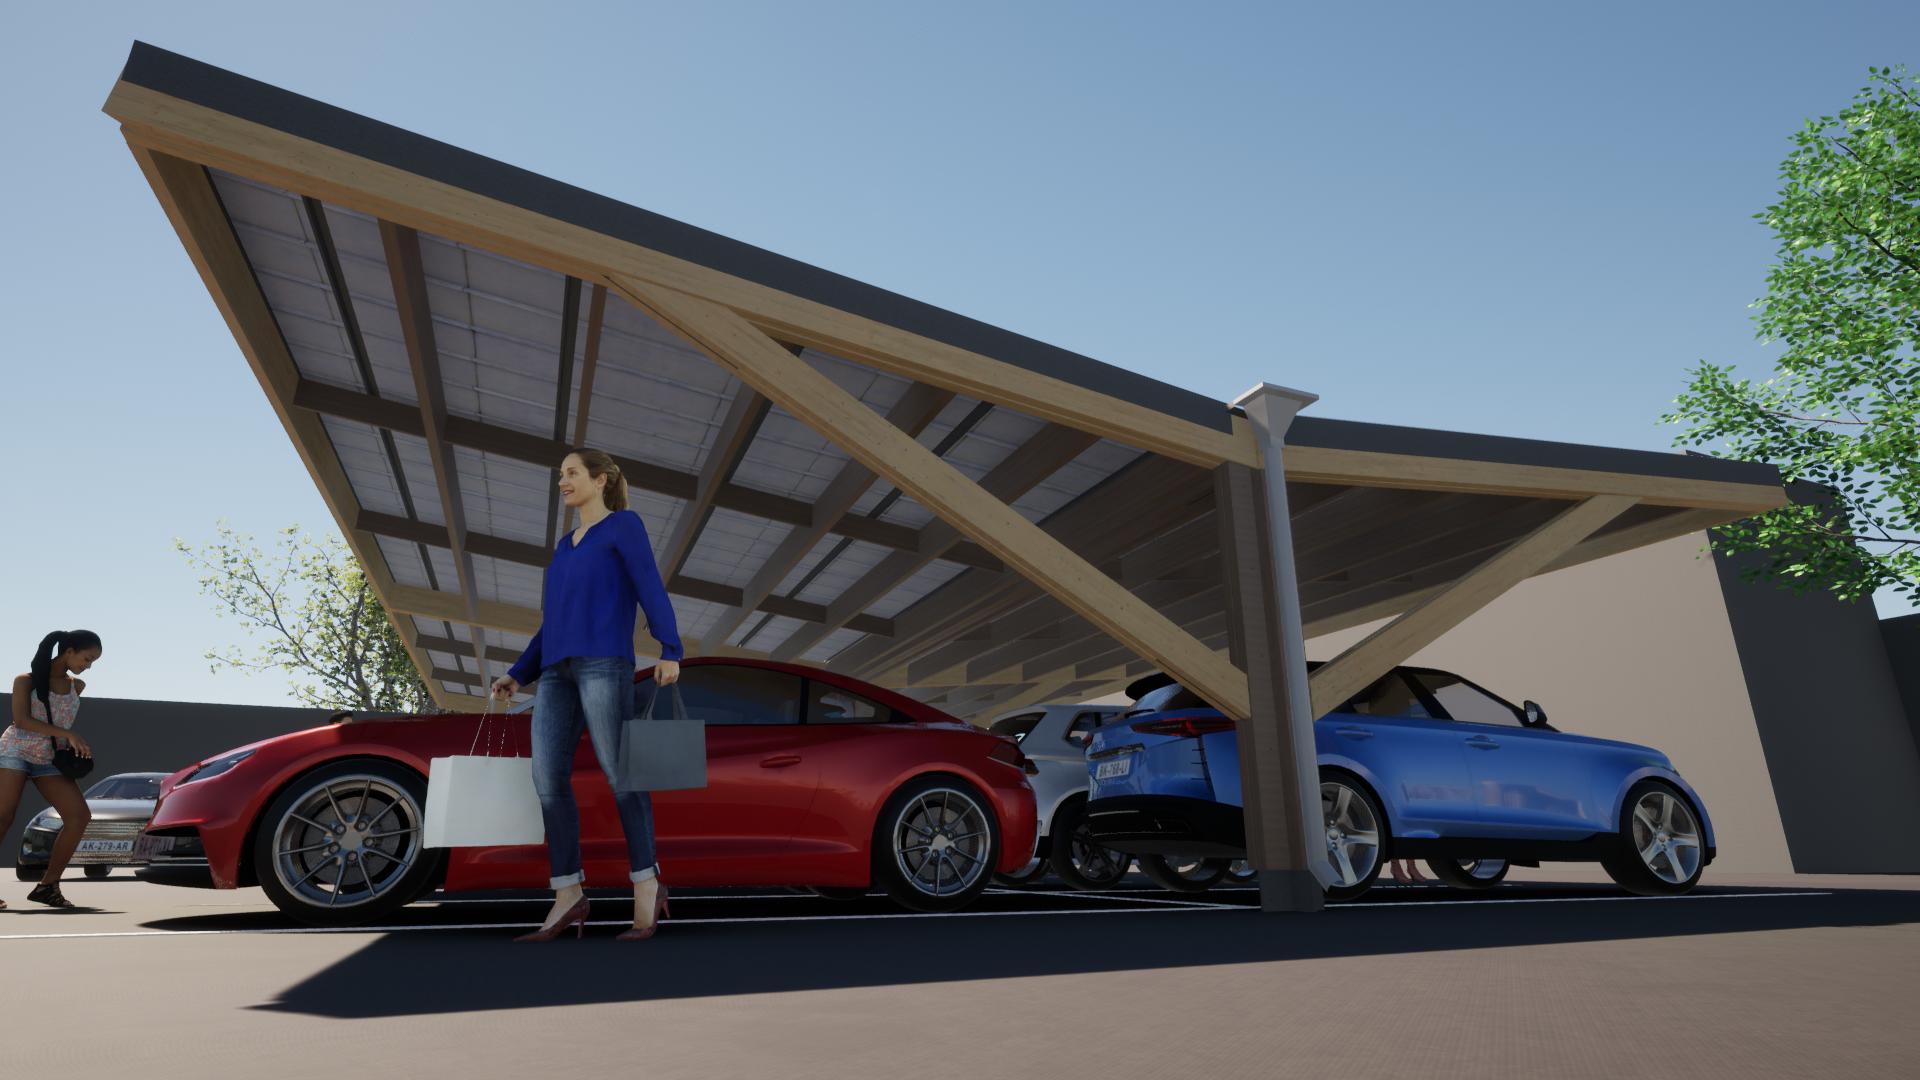 Timber carpark 11